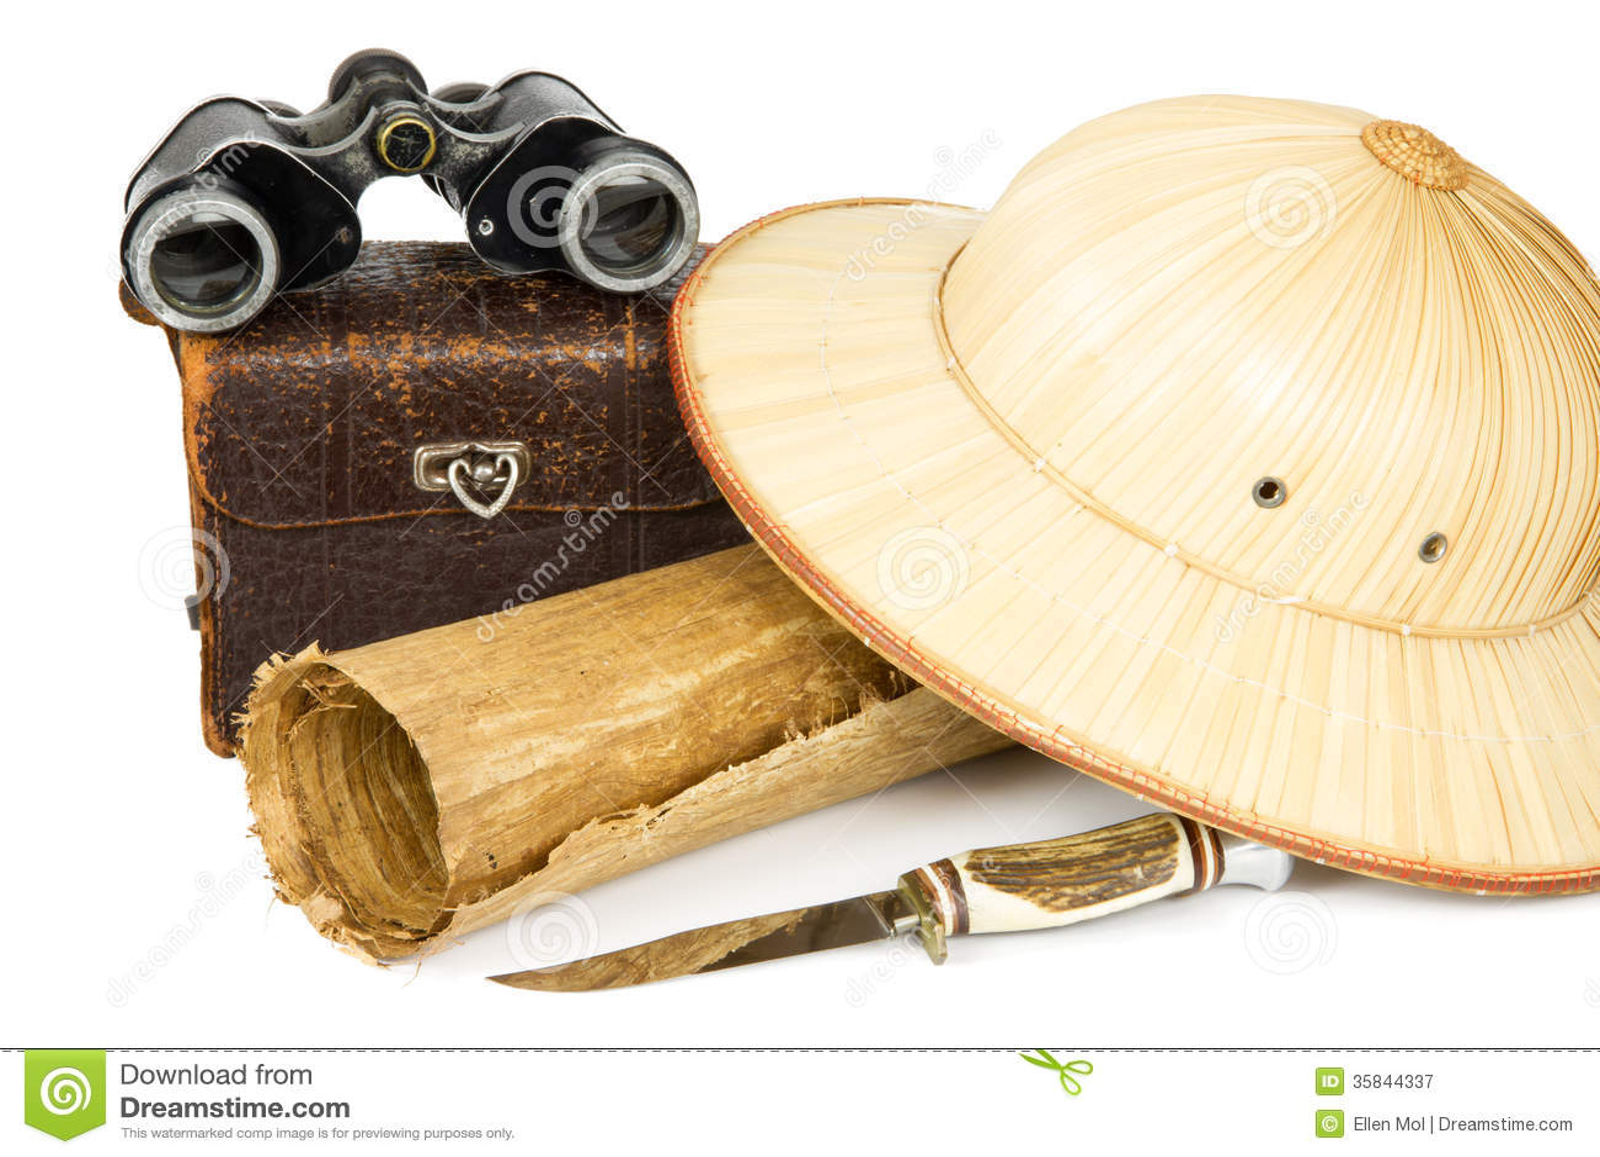 Vintage camera bag, binoculars, reed safari hat, peri plus and roll of ...